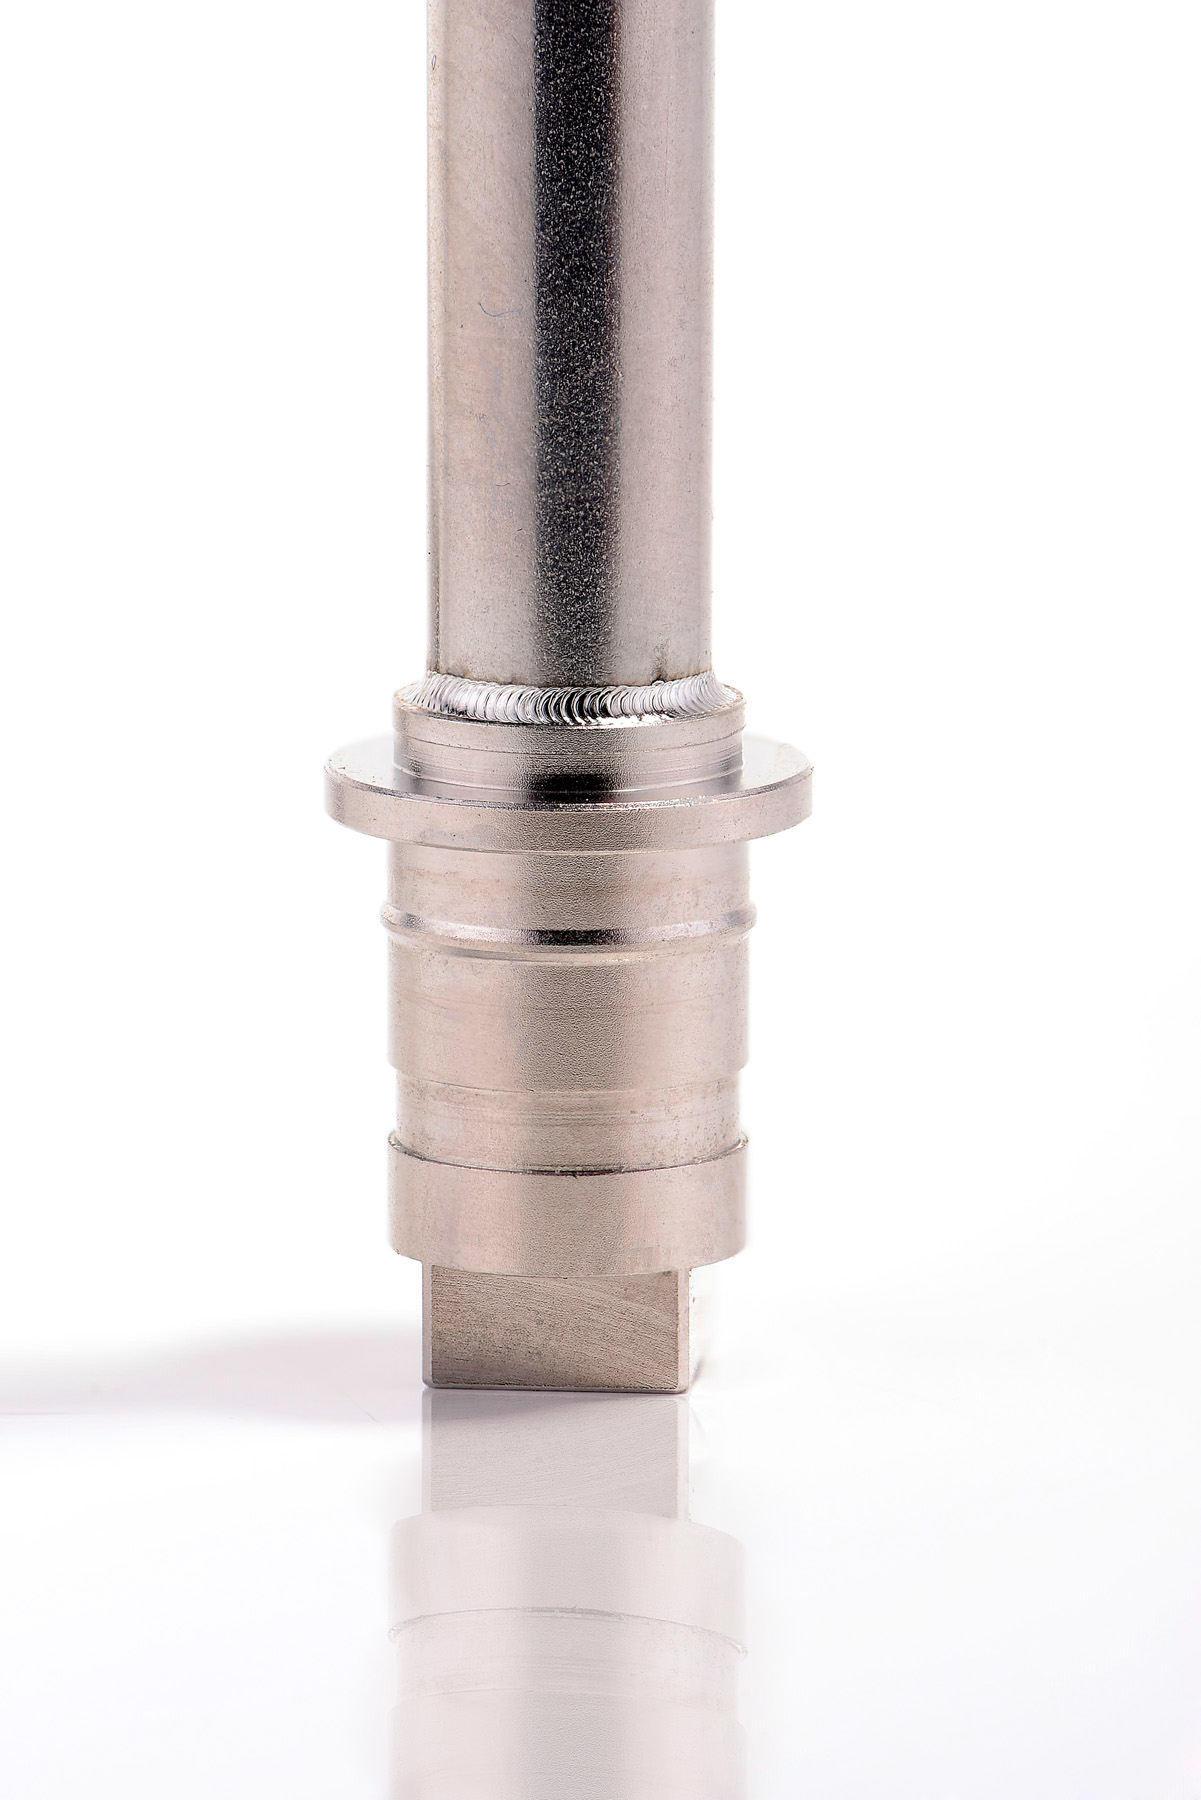 Laserfeinschweißen medizinisches Instrument Rohr und Flansch